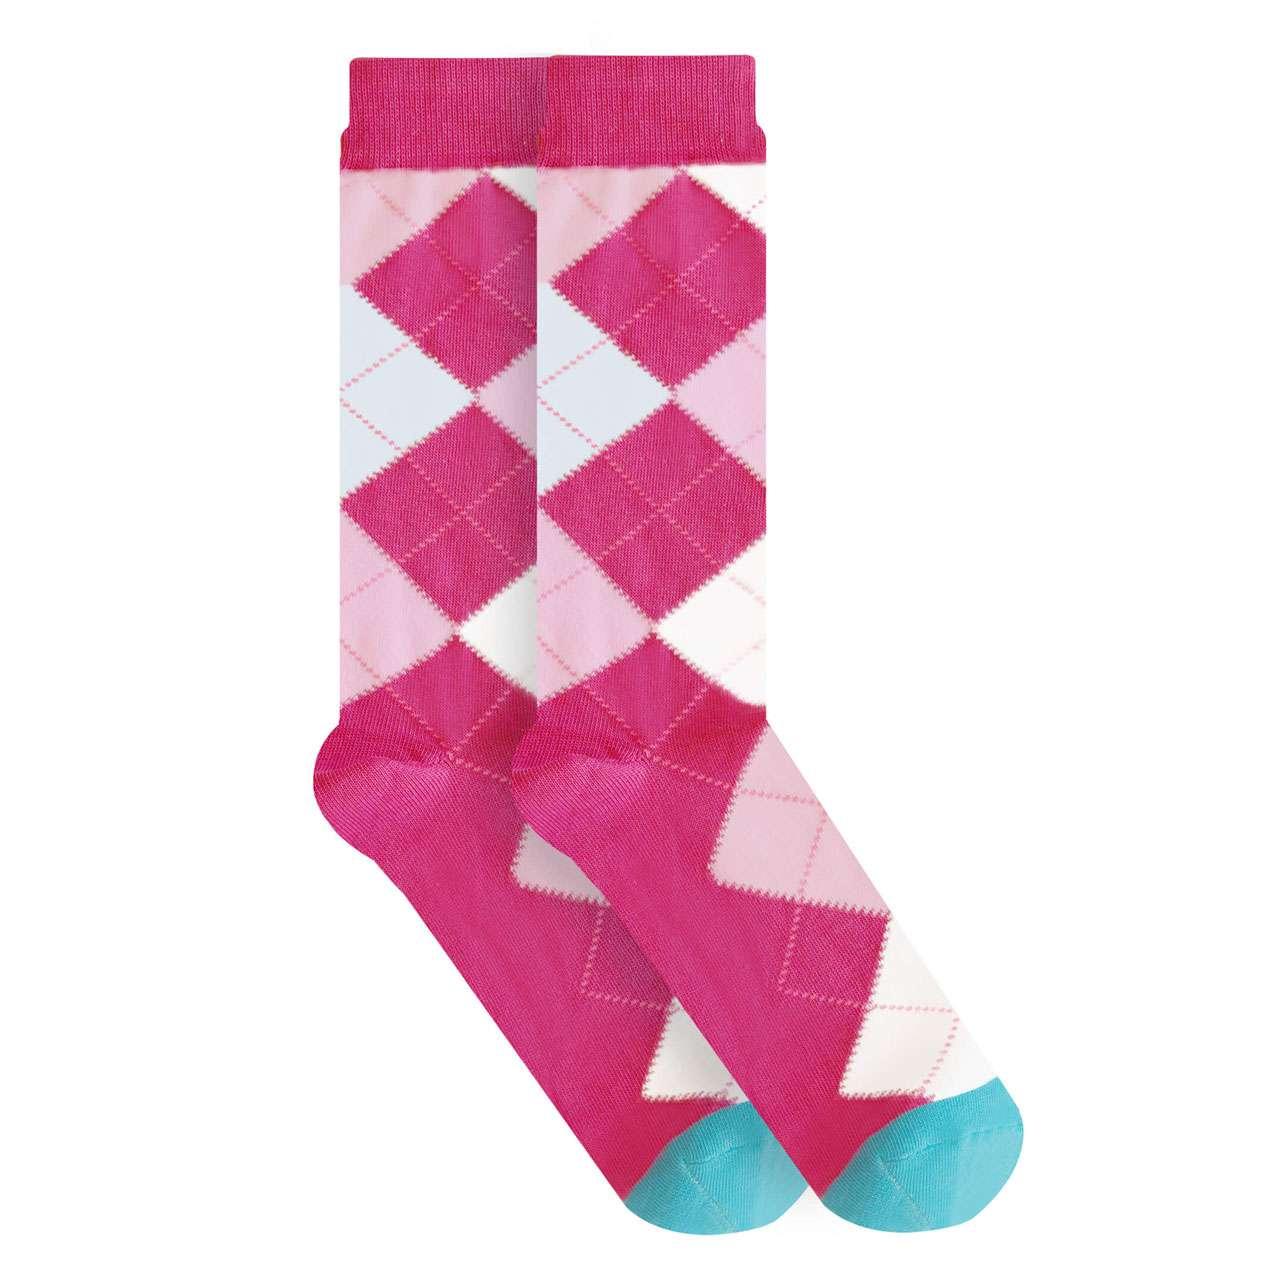 calcetin-de-rombos-rosa-skunk-socks